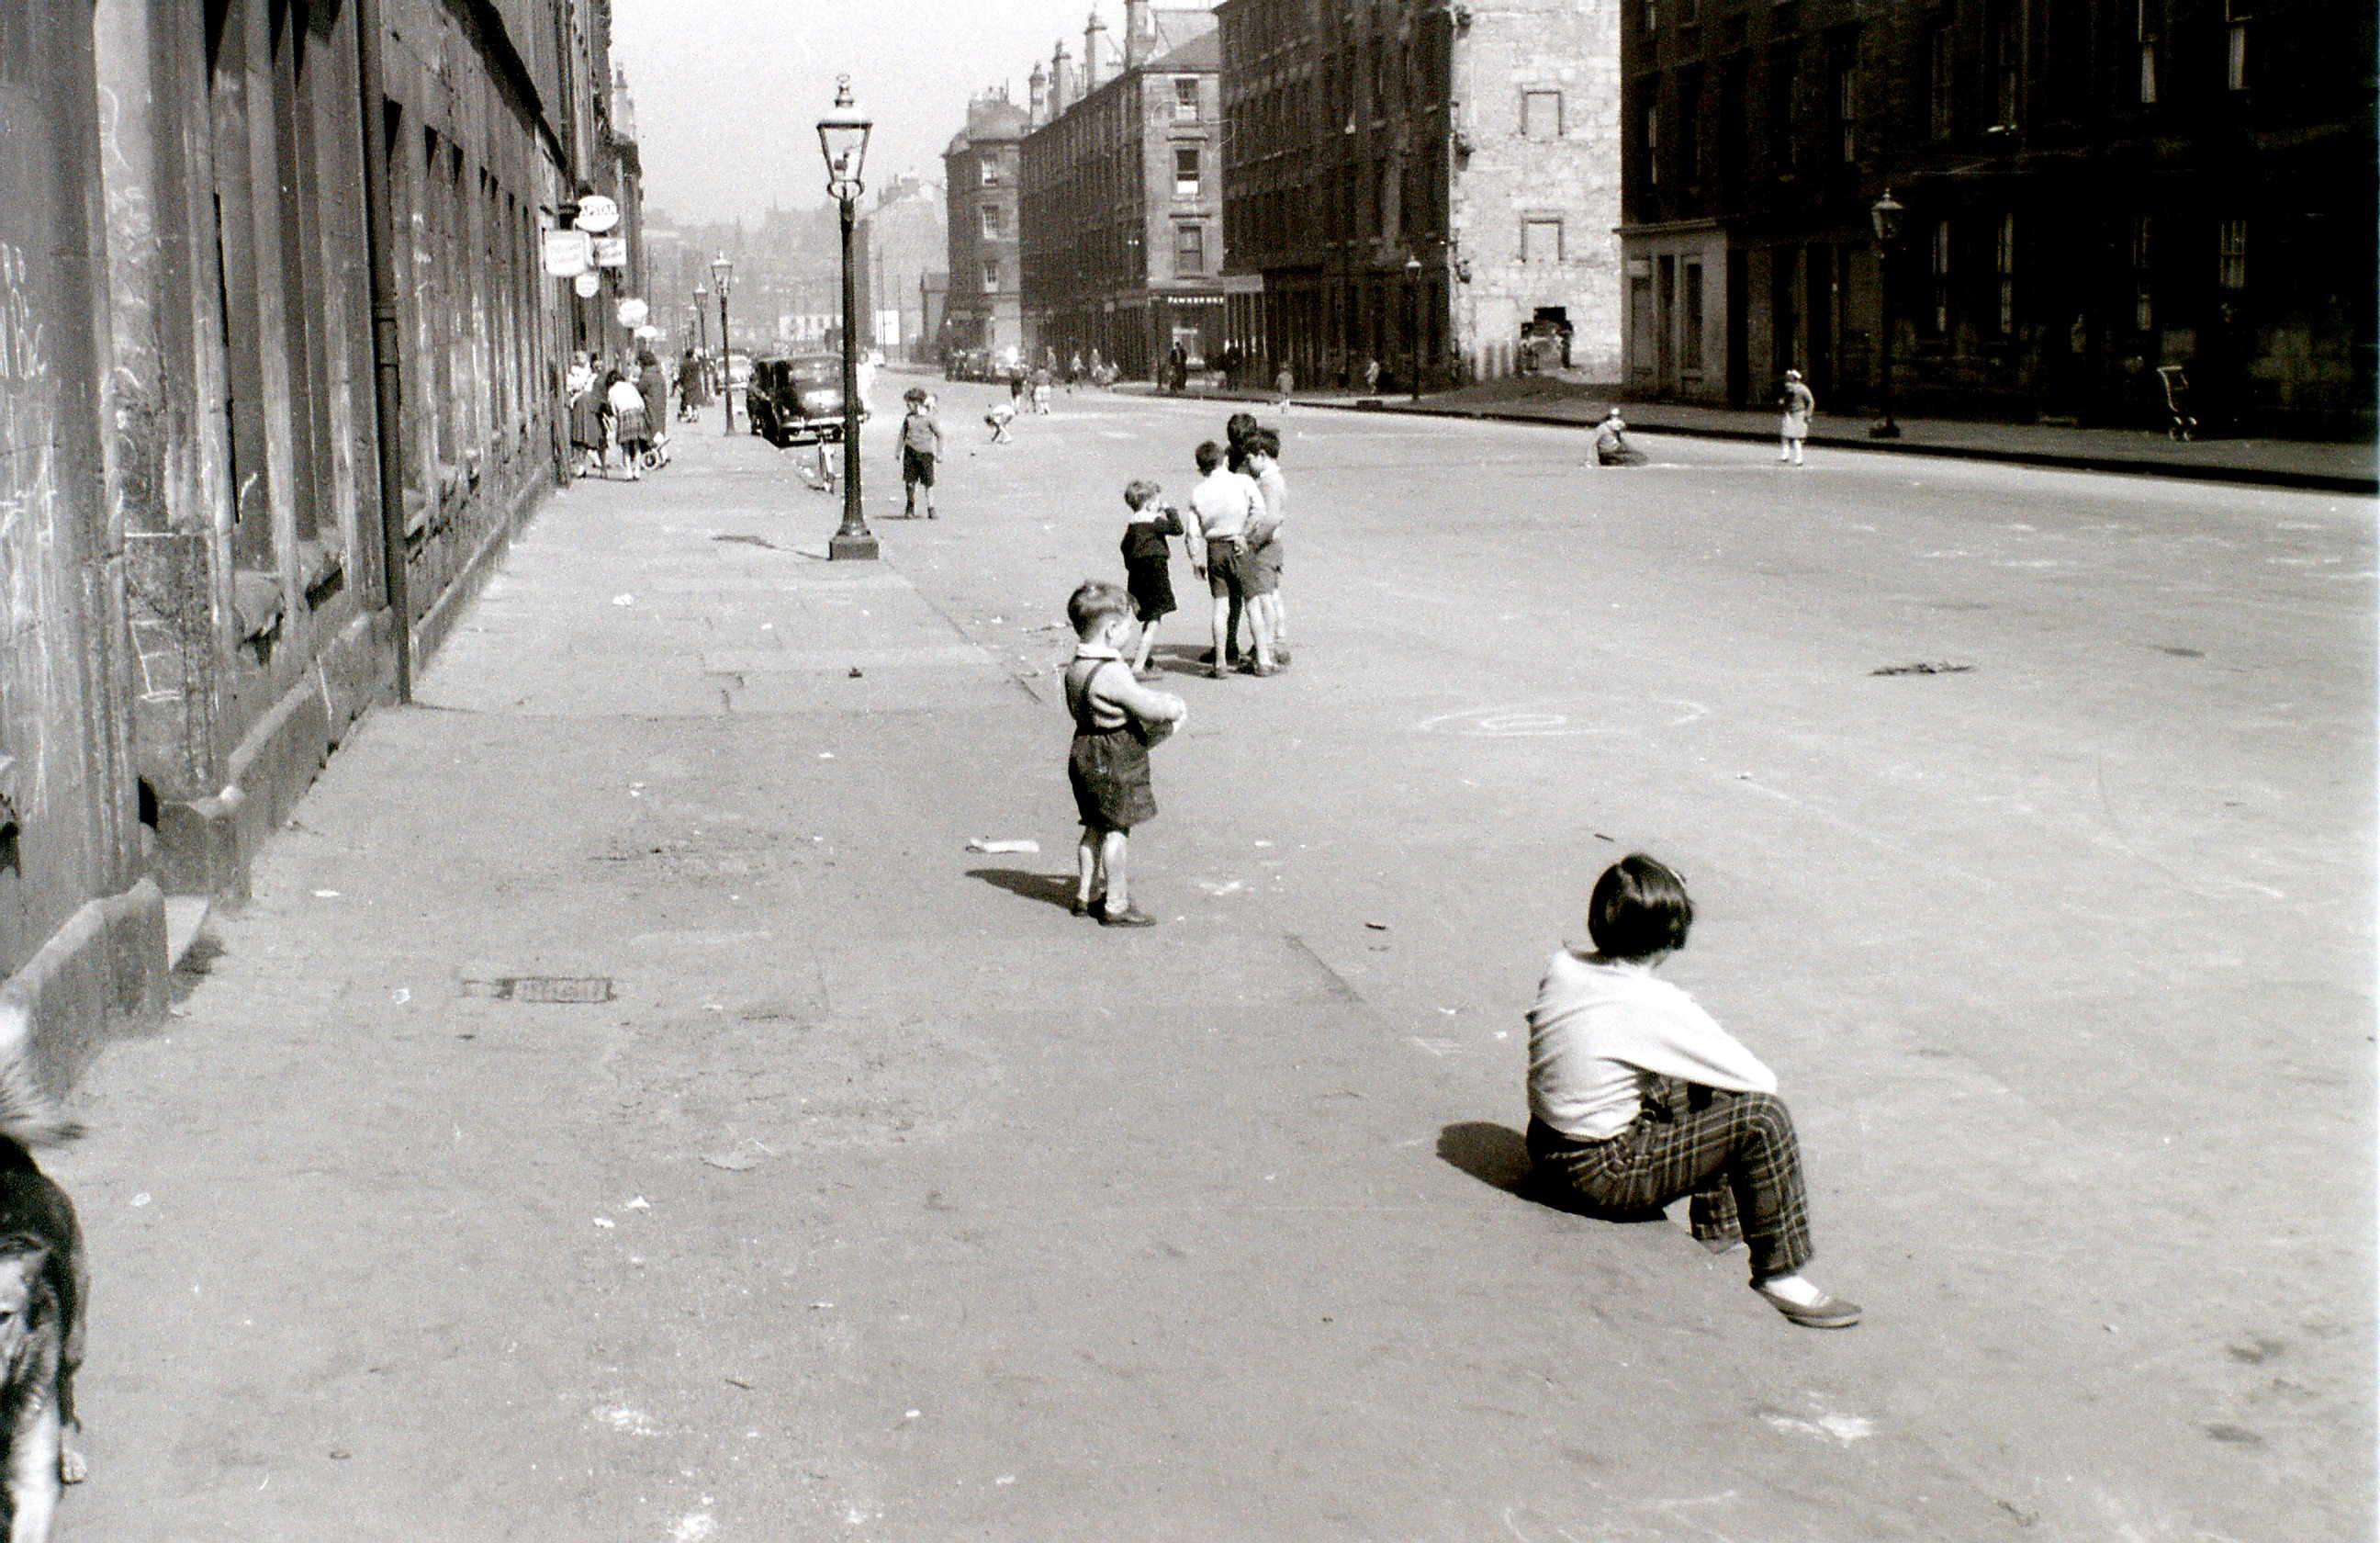 Горбалс, Глазго, 19 апреля 1960 4.jpg